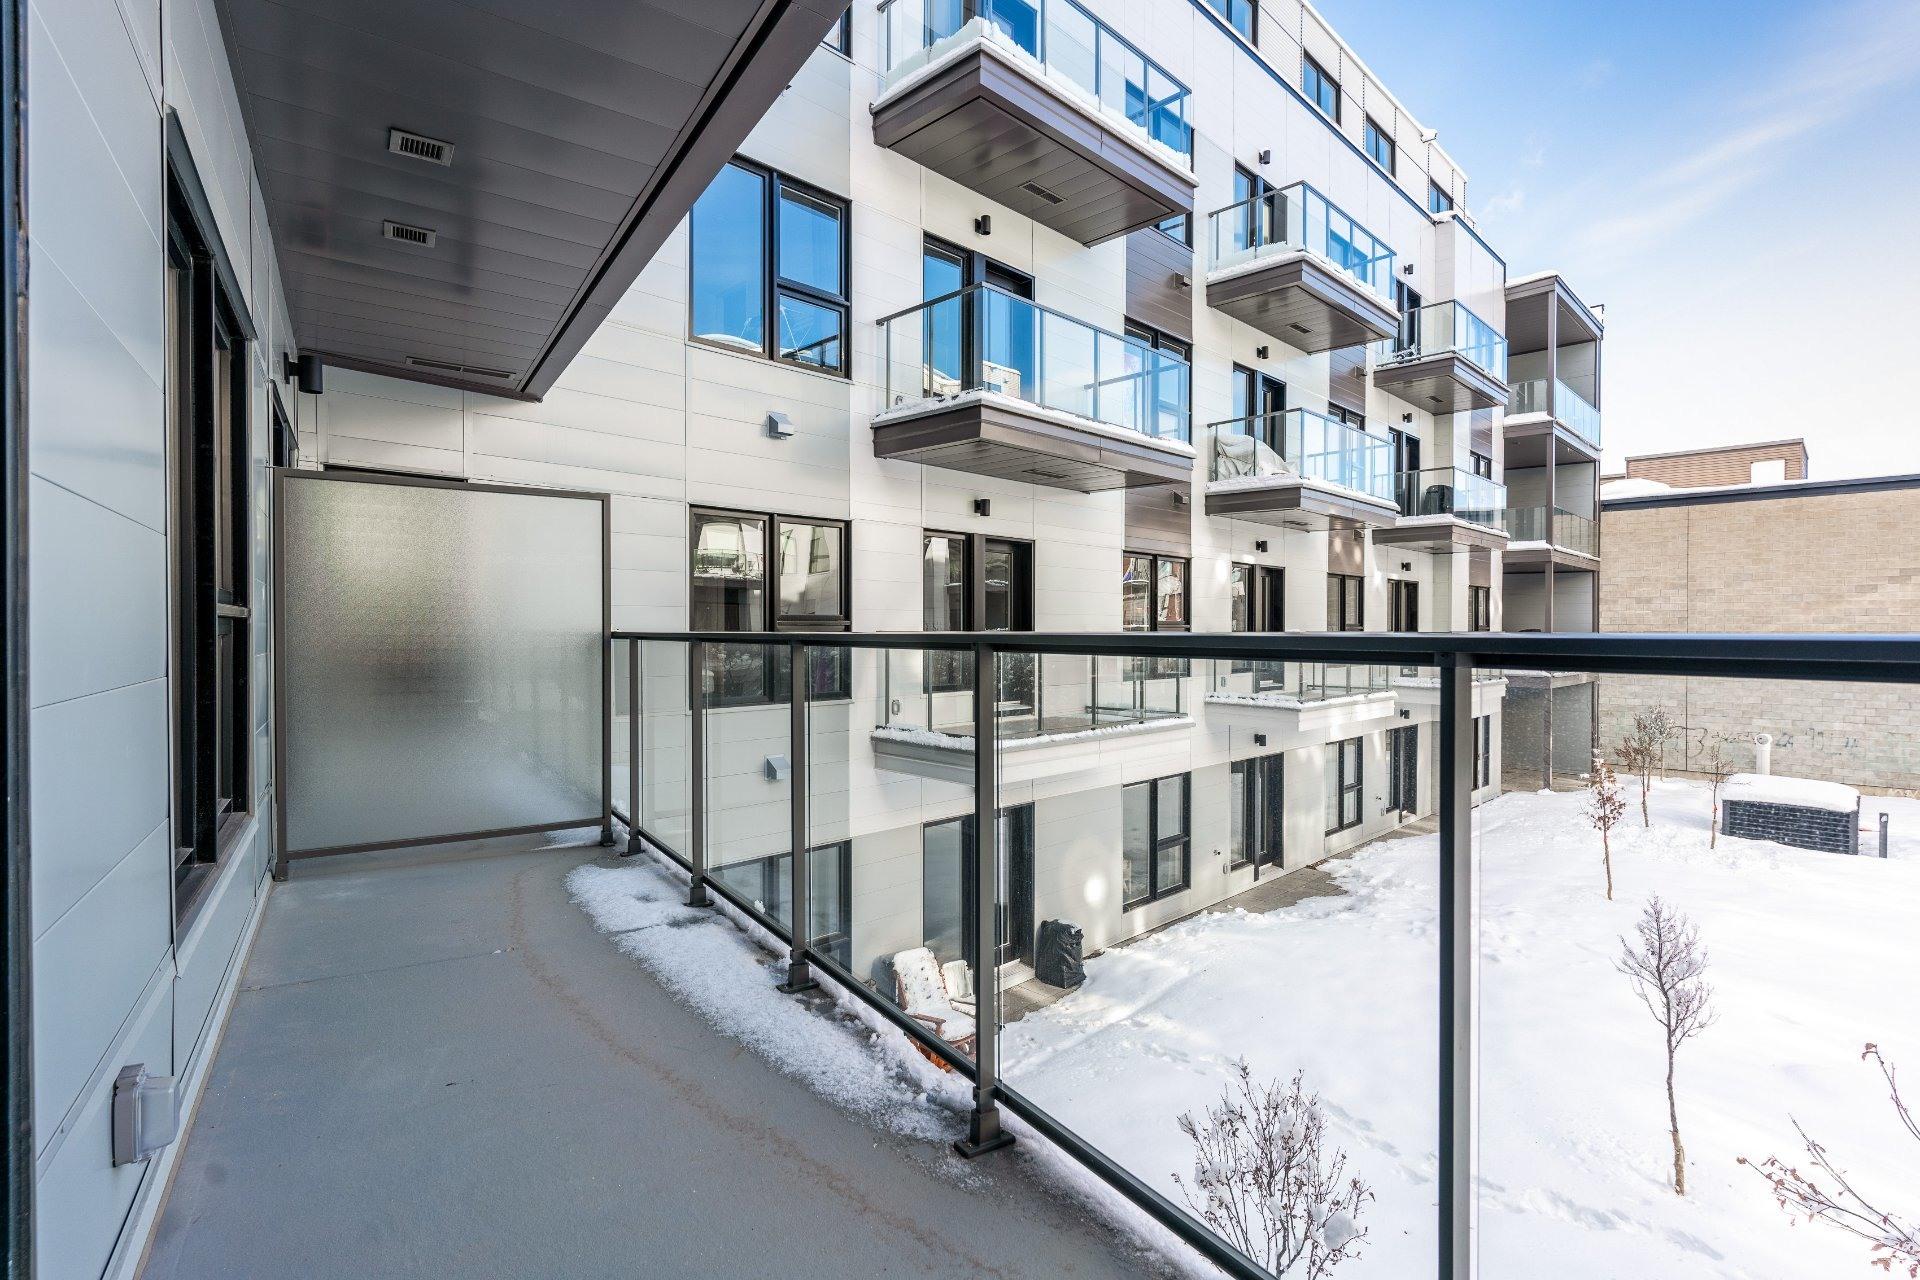 image 16 - Appartement À louer Rosemont/La Petite-Patrie Montréal  - 7 pièces